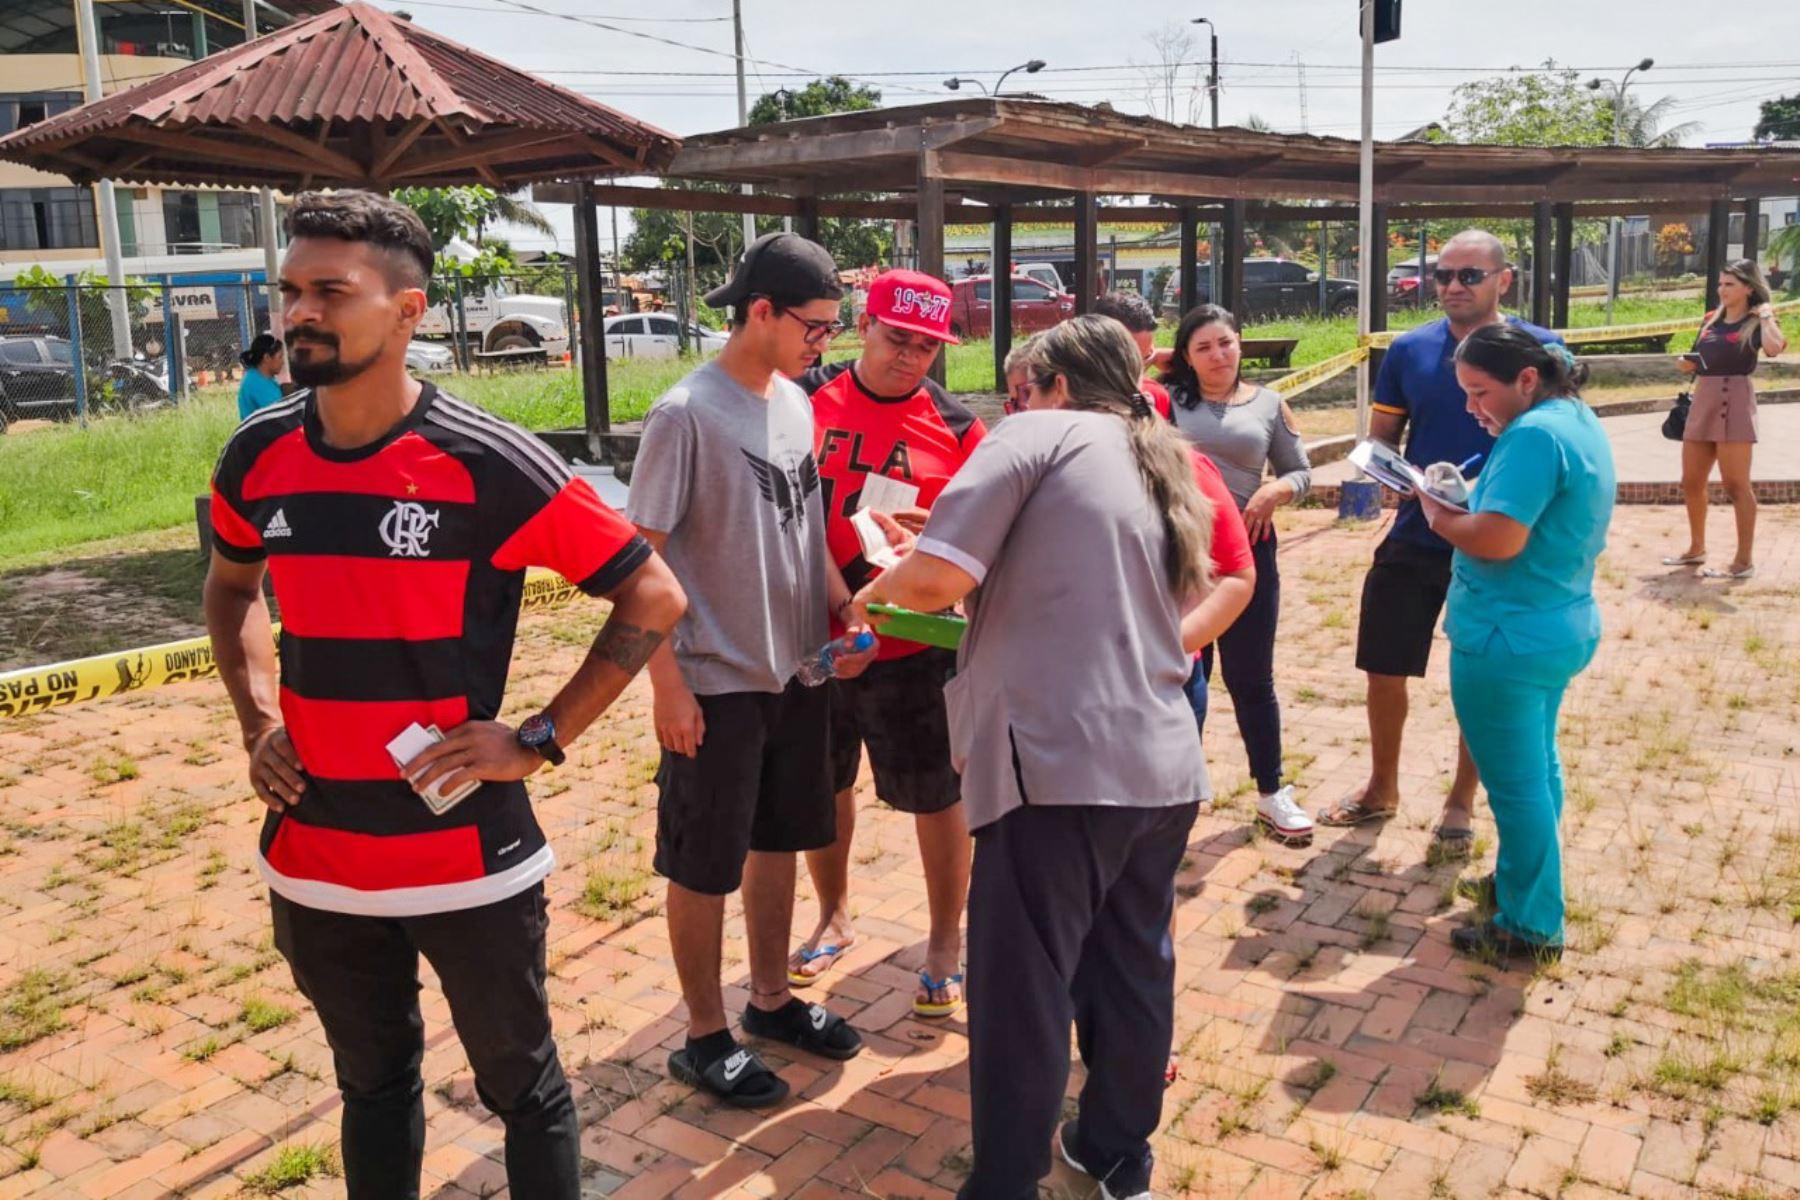 Brigadistas del Ministerio de Salud vacunarán contra la fiebre amarilla y el sarampión a los extranjeros que asistan a la final de la Copa Libertadores. ANDINA/Difusión